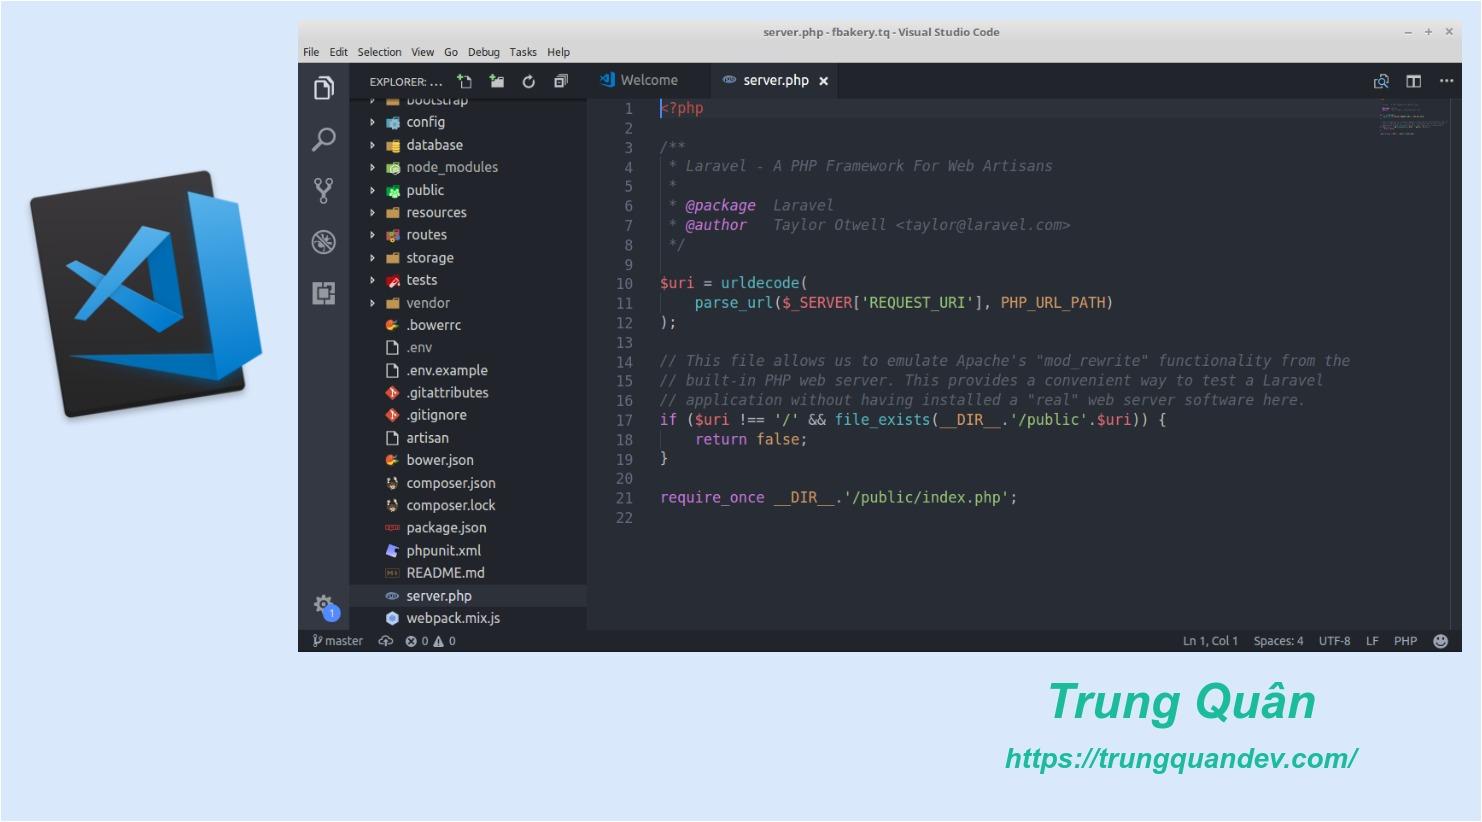 cai-dat-visual-studio-code-linux-ubuntu-trungquandev